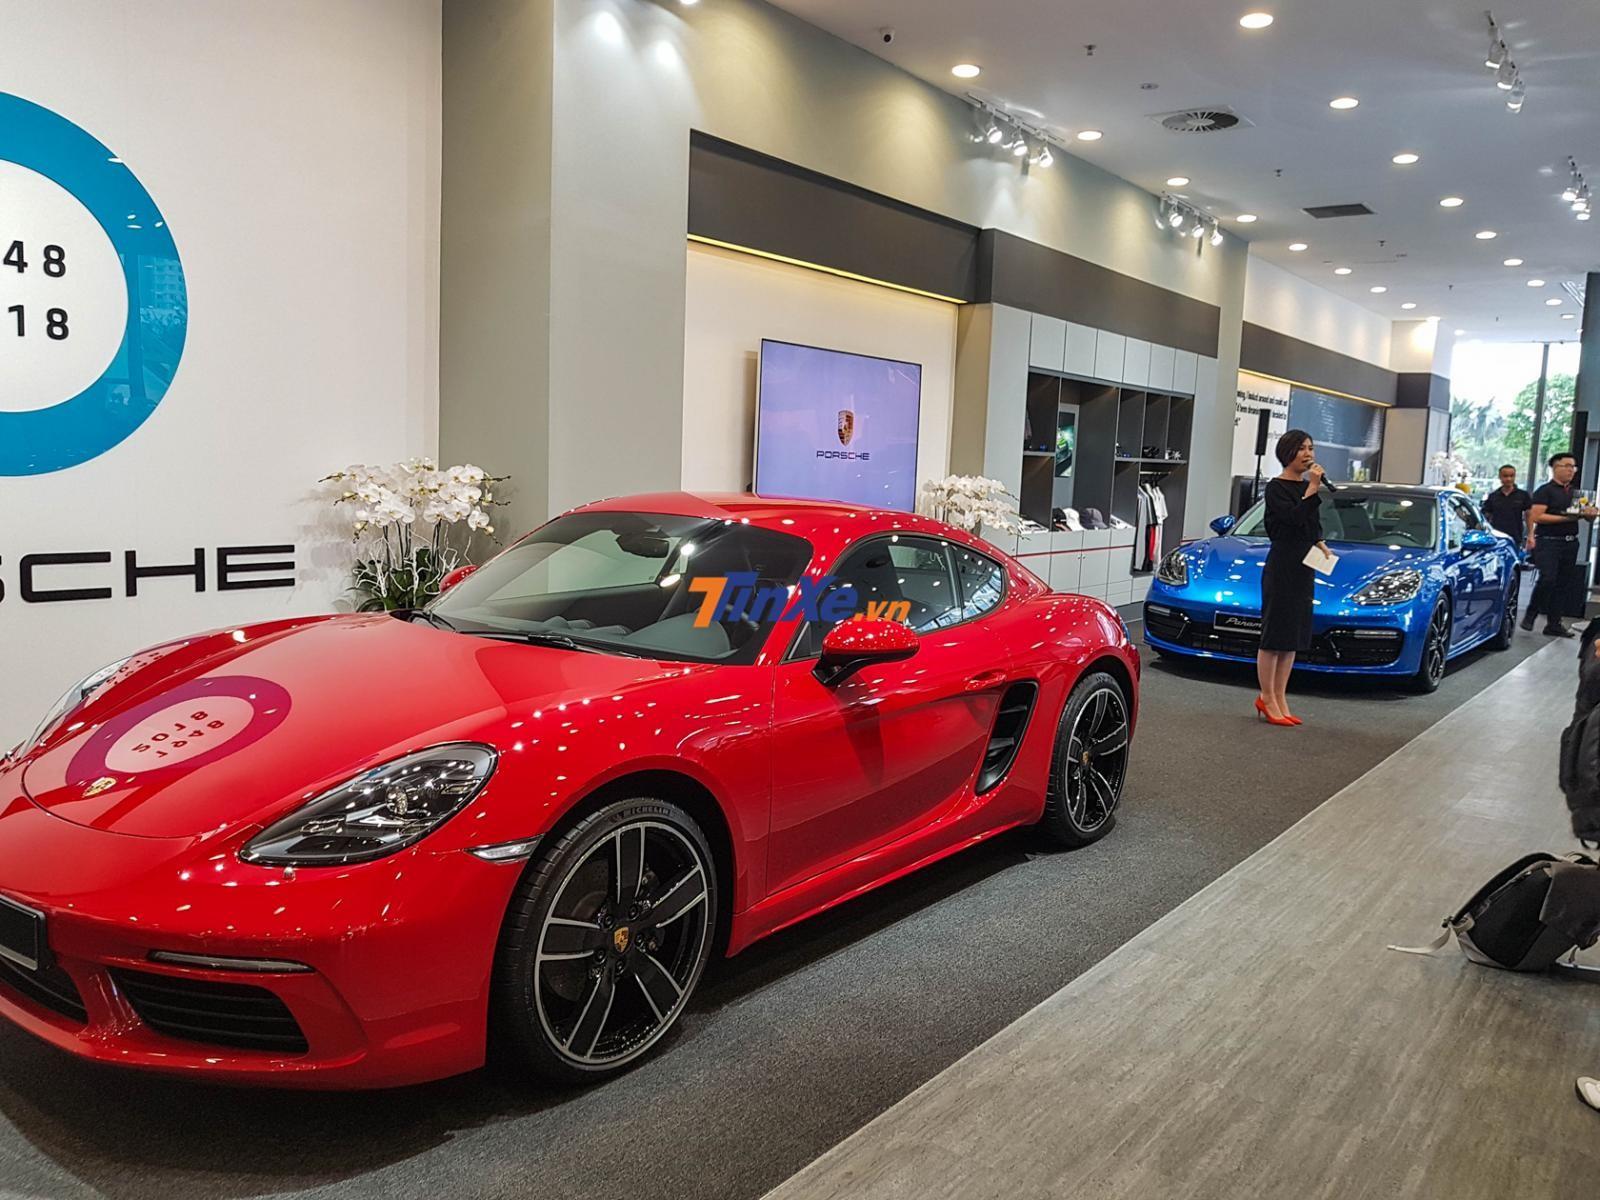 Hãng xe Porsche dự kiến sẽ mở của không gian trưng bày này từ nay đến hết năm 2018